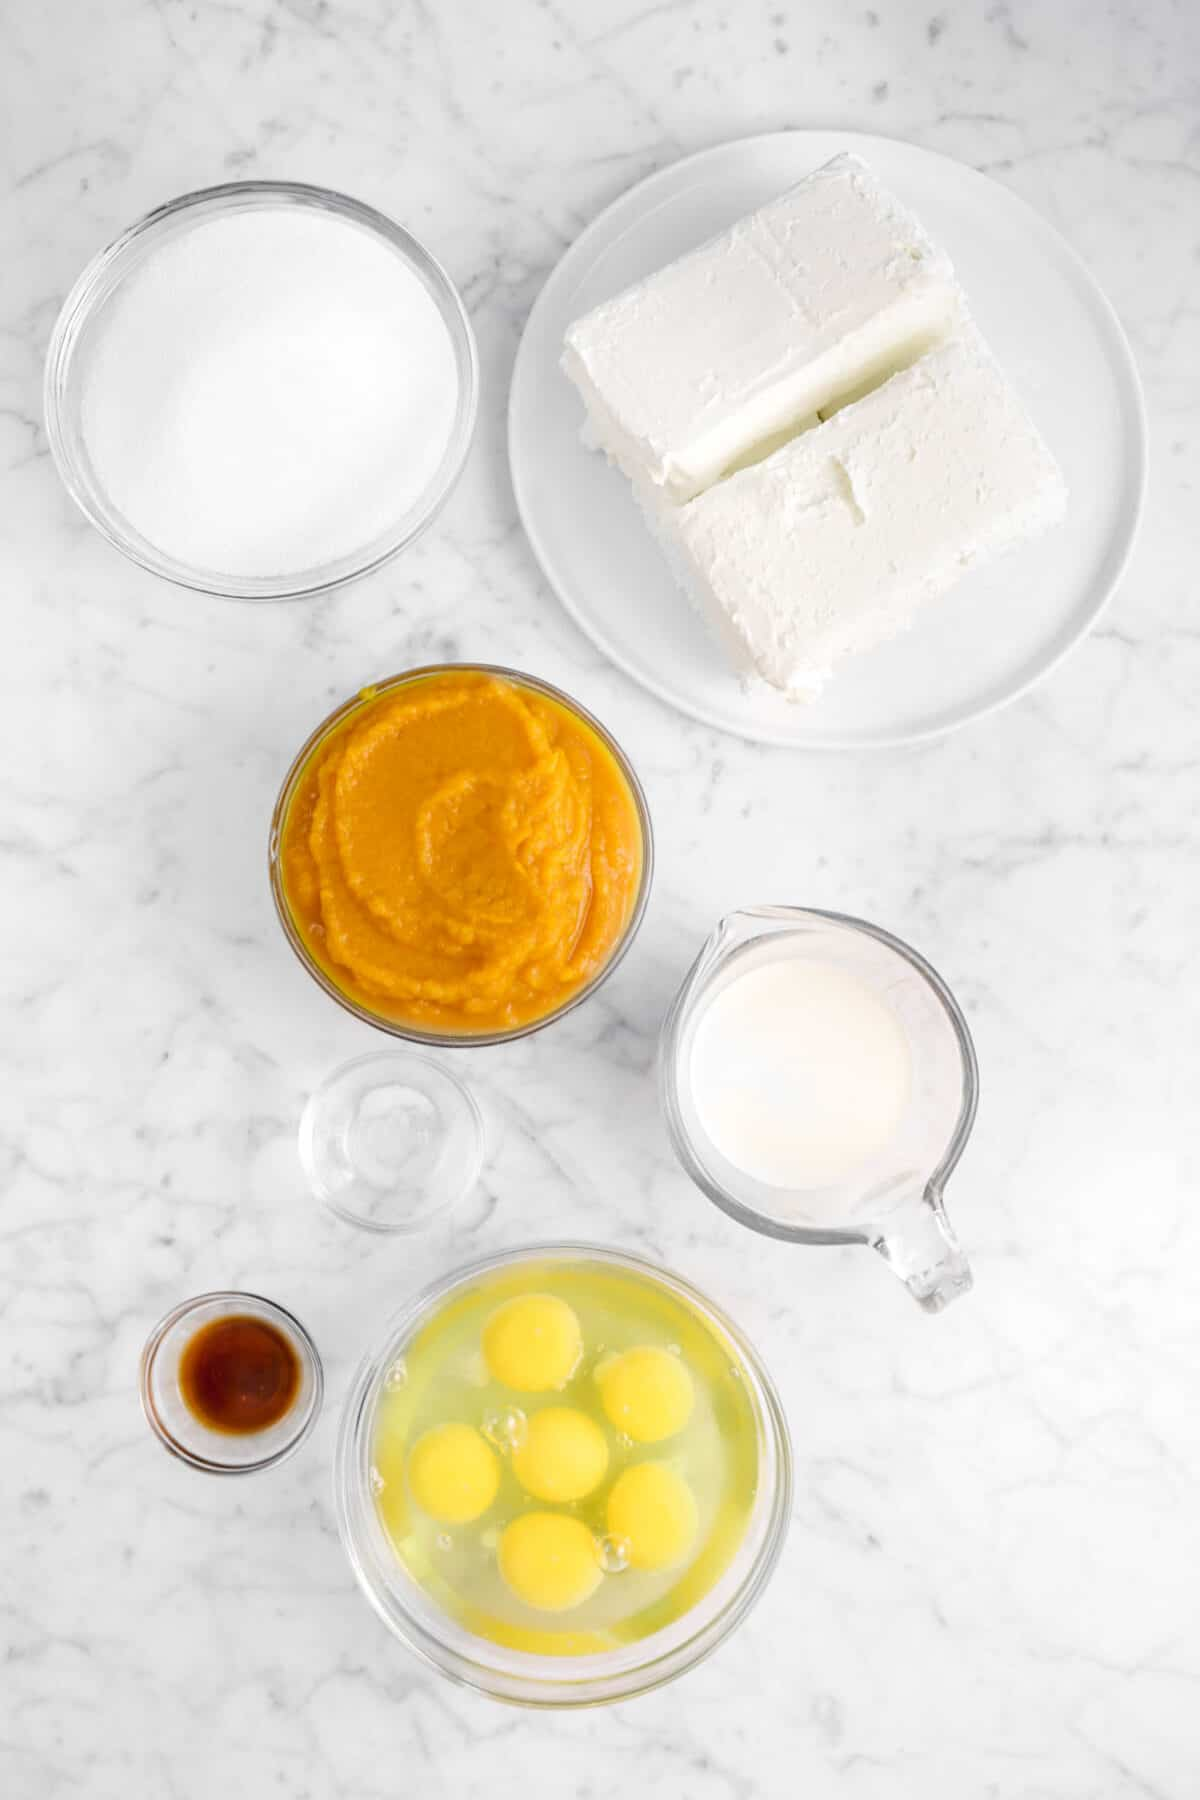 sugar, cream cheese, pumpkin, cream, salt, eggs, and vanilla on a marble counter